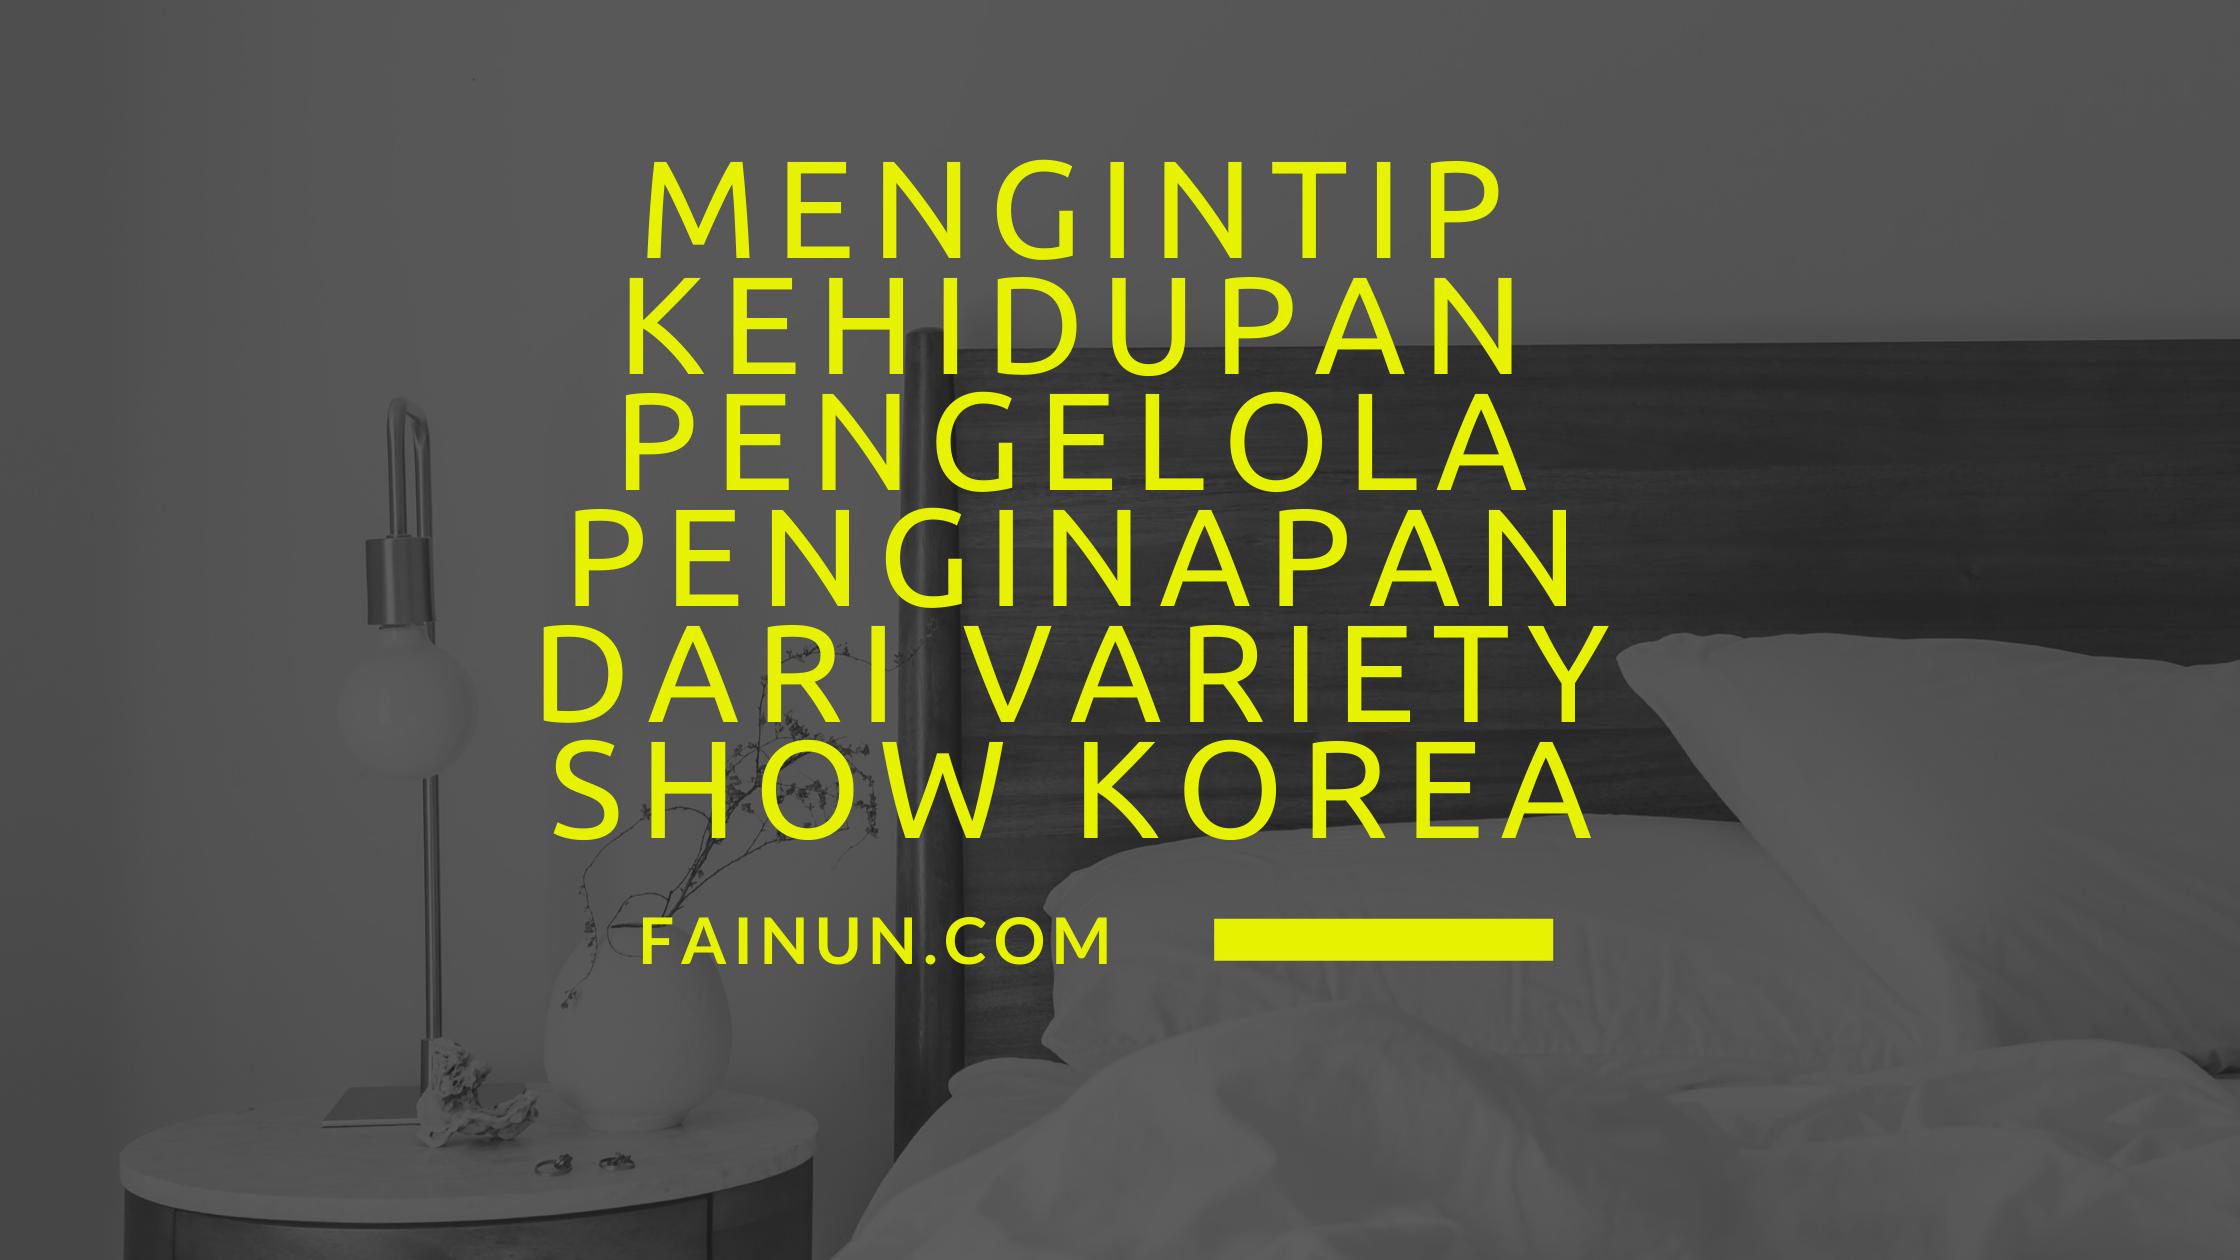 Pengelola Penginapan dari Variety Show Korea